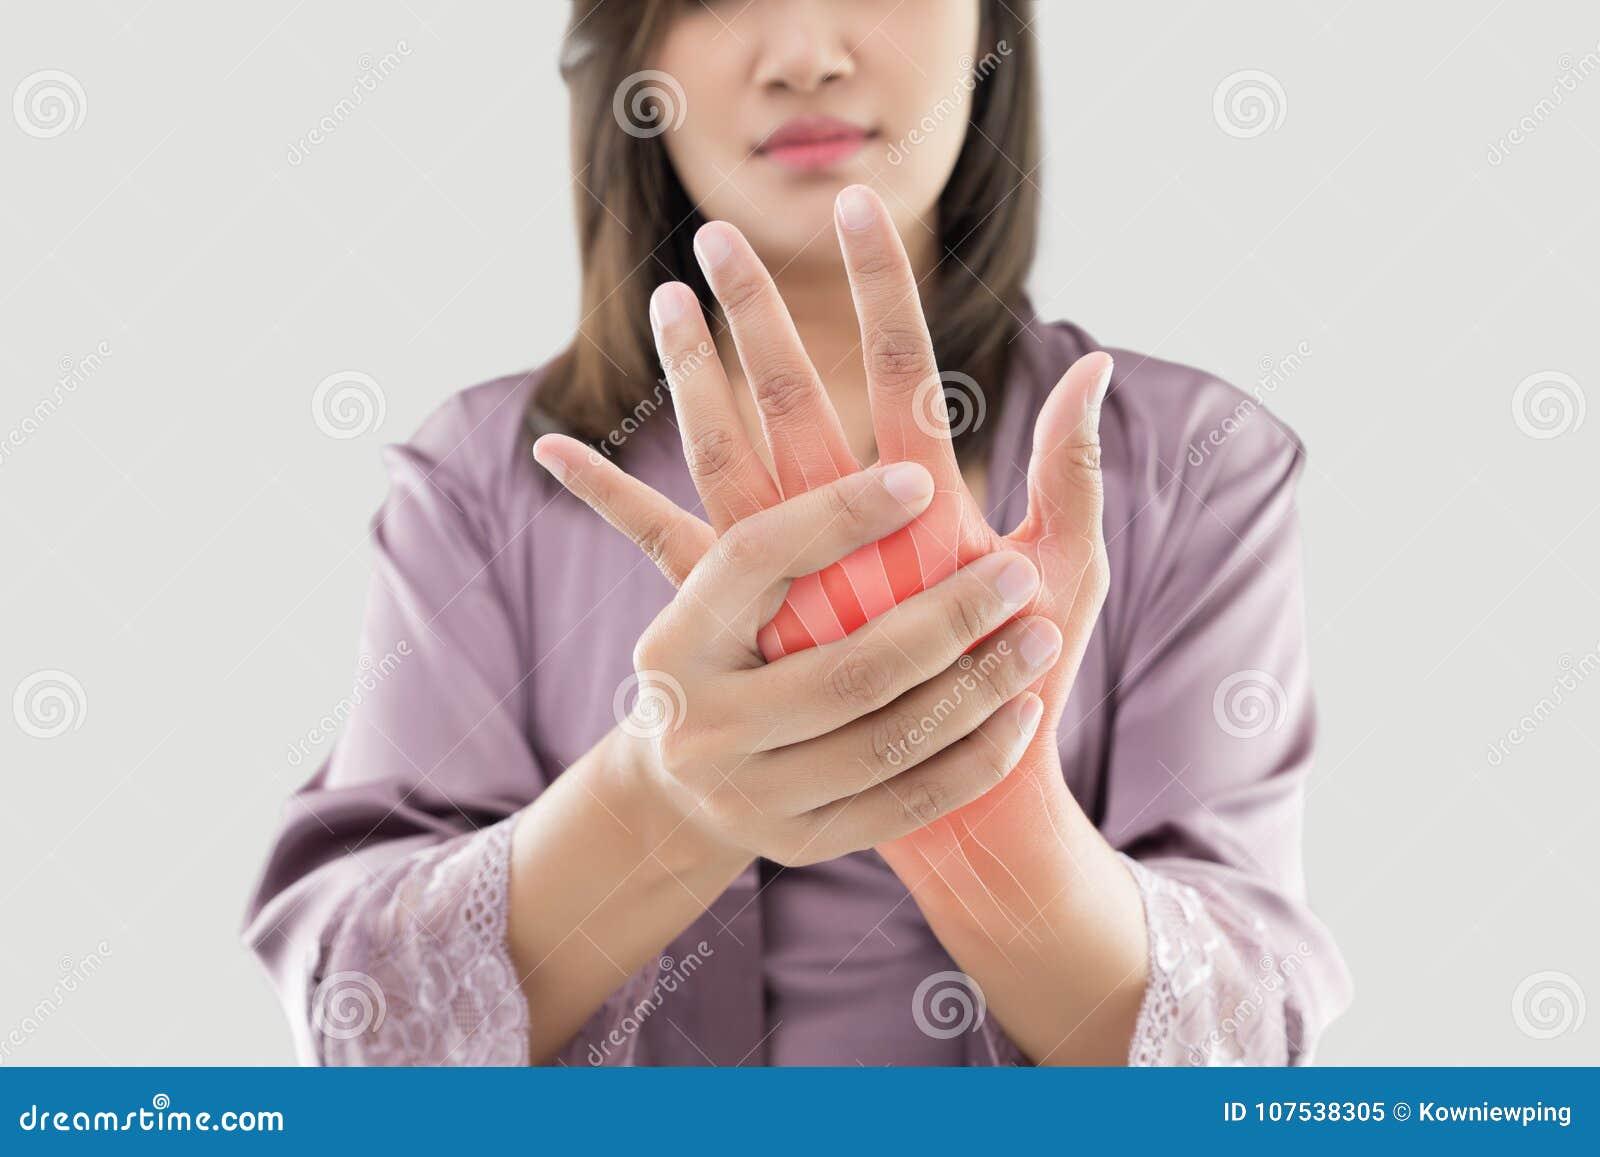 充满手痛苦的妇女